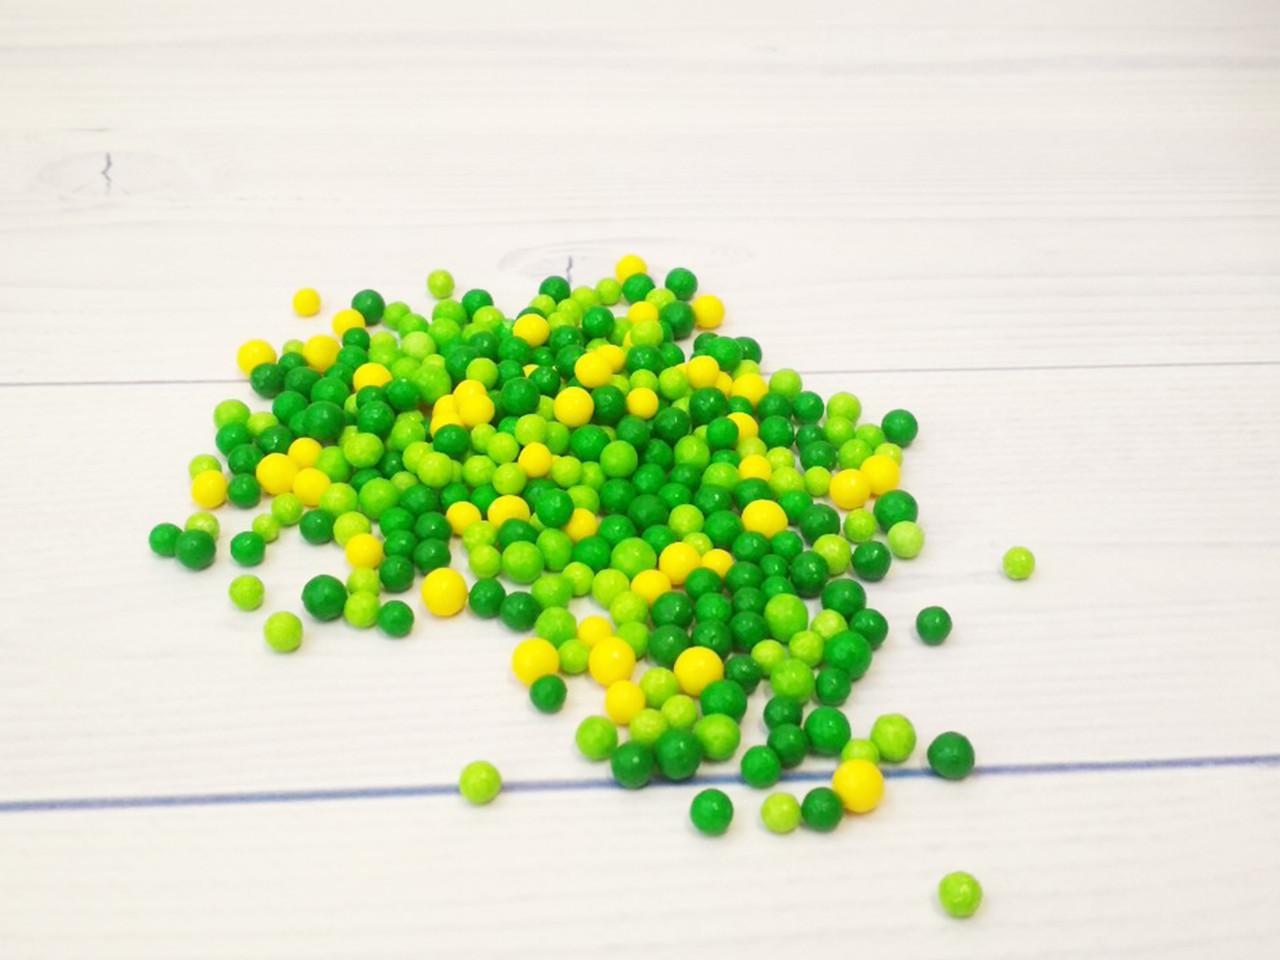 Посыпка кондитерская Драже трёхцветная зелень мелкое